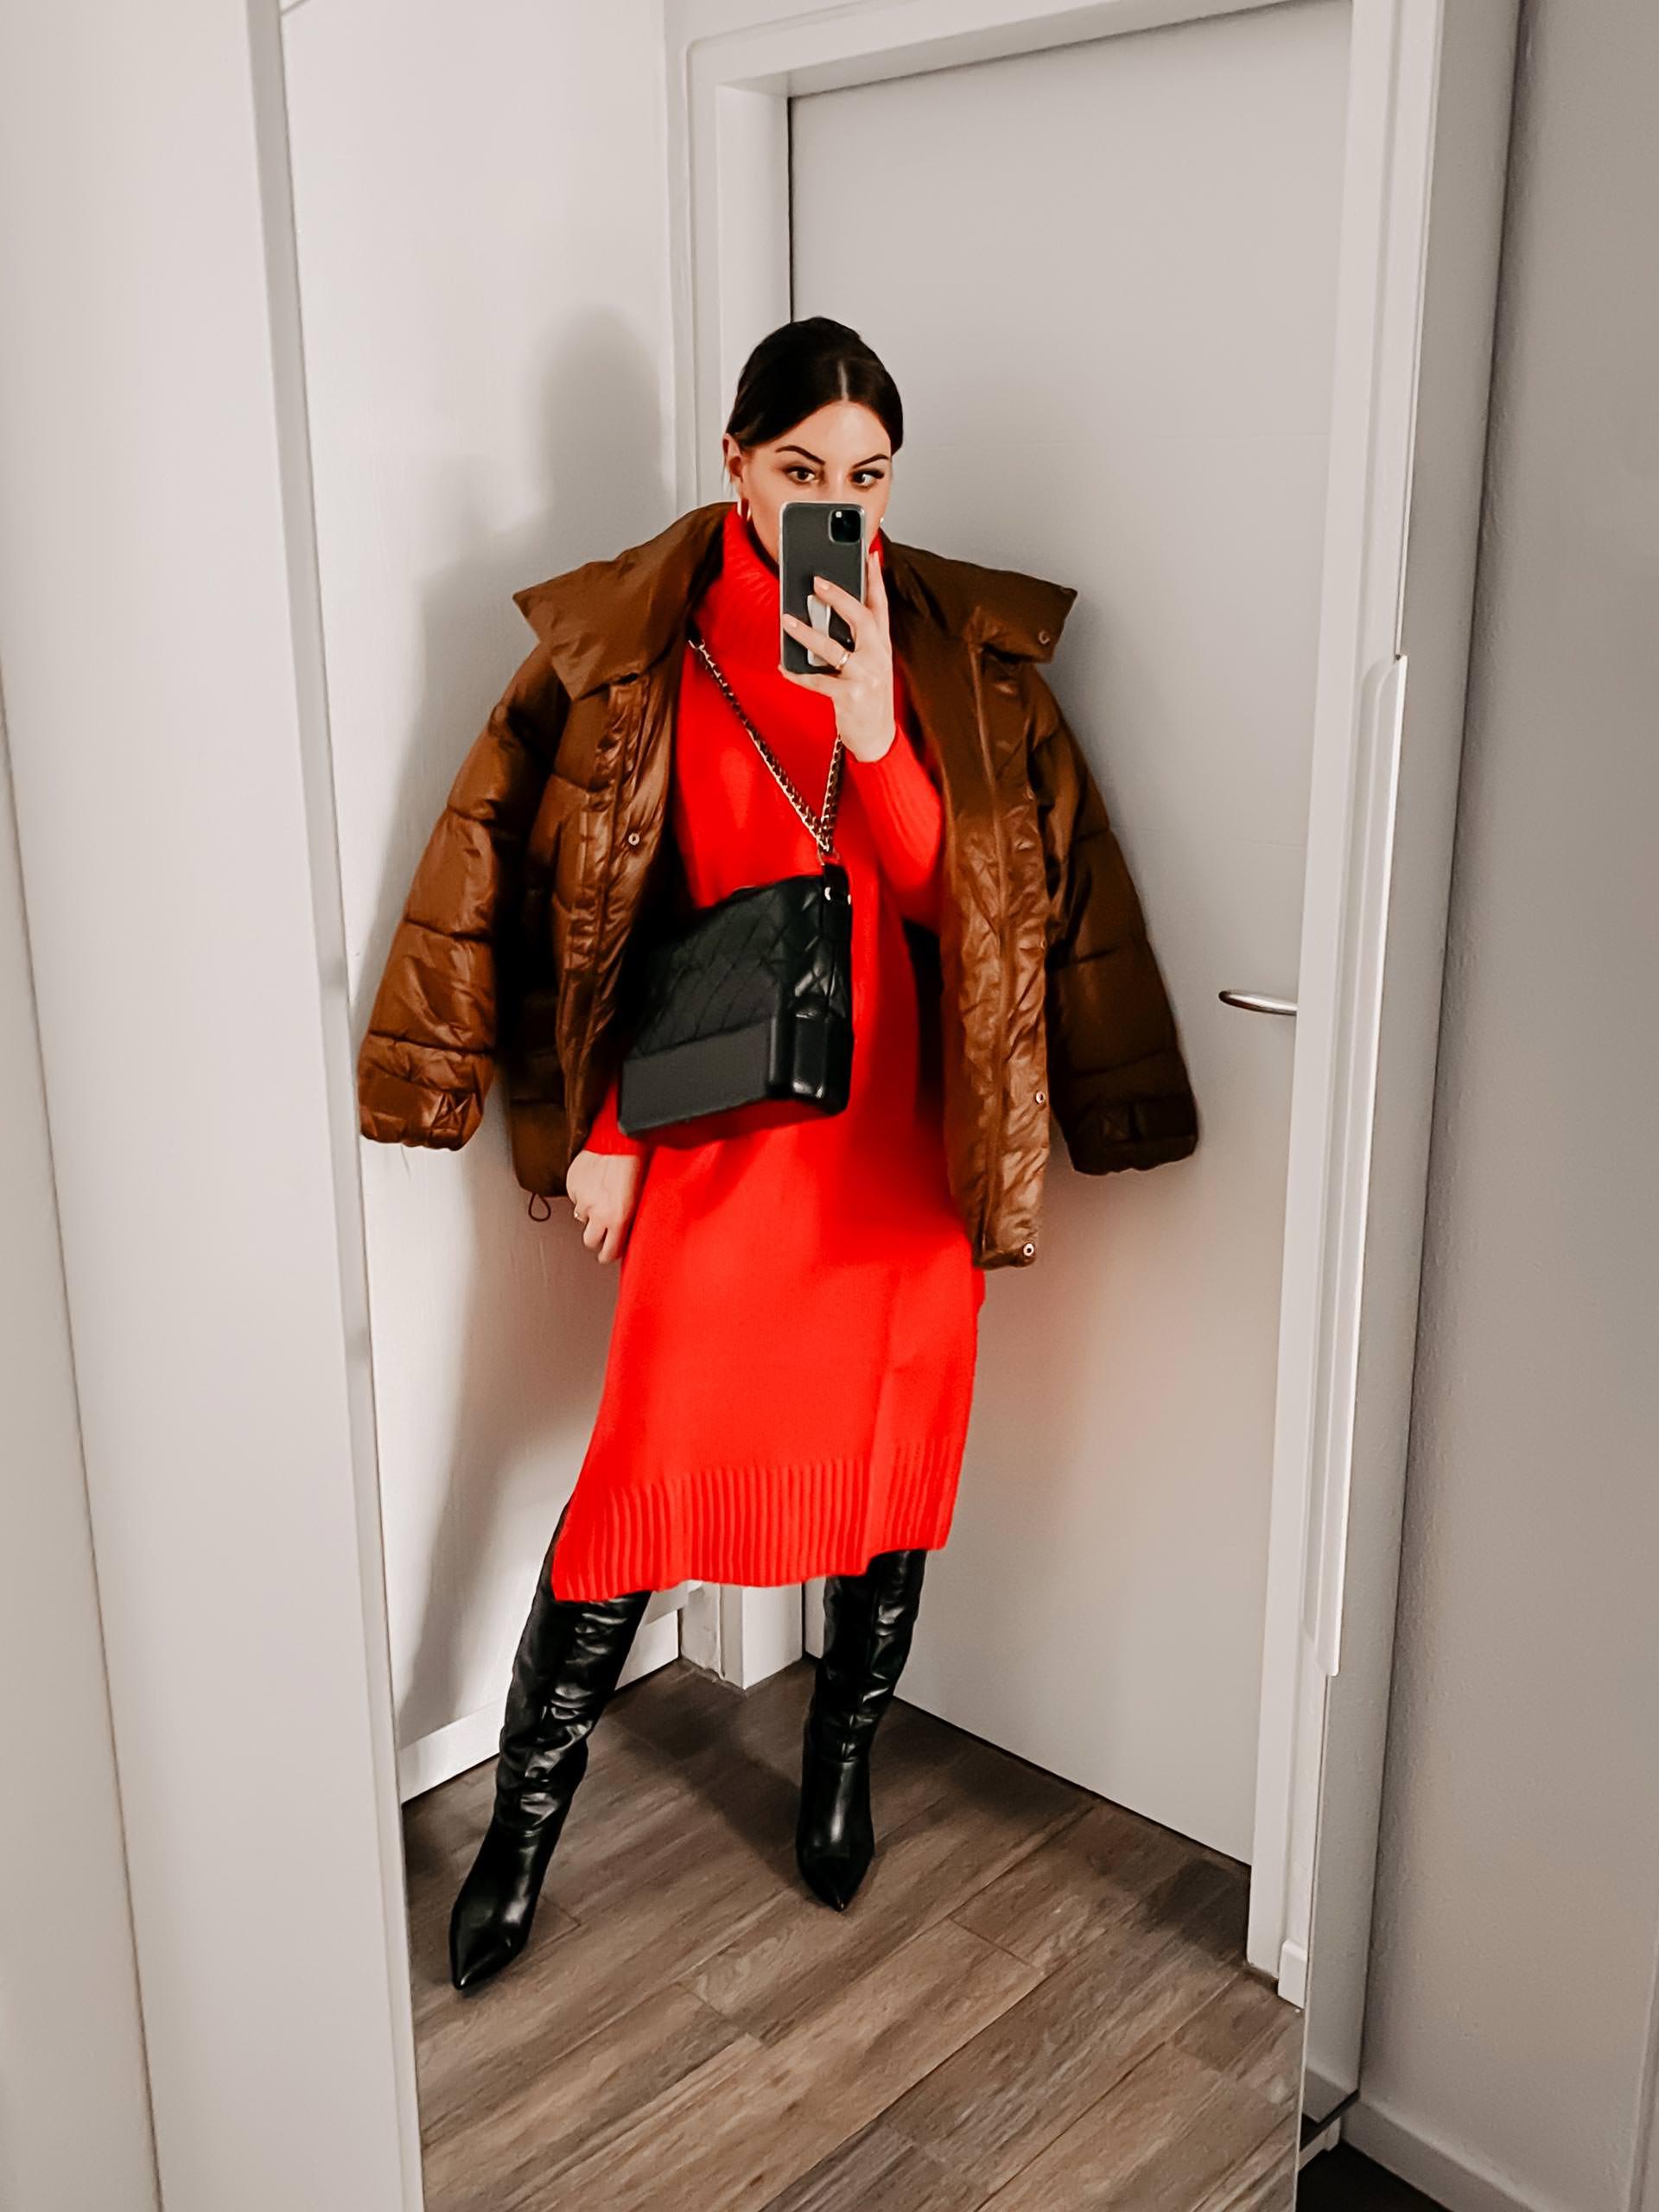 Was ziehe ich morgen an? 5 alltagstaugliche und schöne Outfits für den Winter gibt es heute auf meinem Modeblog. 5 Looks stelle ich dir vor, von Montag bis Freitag. www.whoismocca.com #winteroutfits #modeblog #modetrends #lookbook